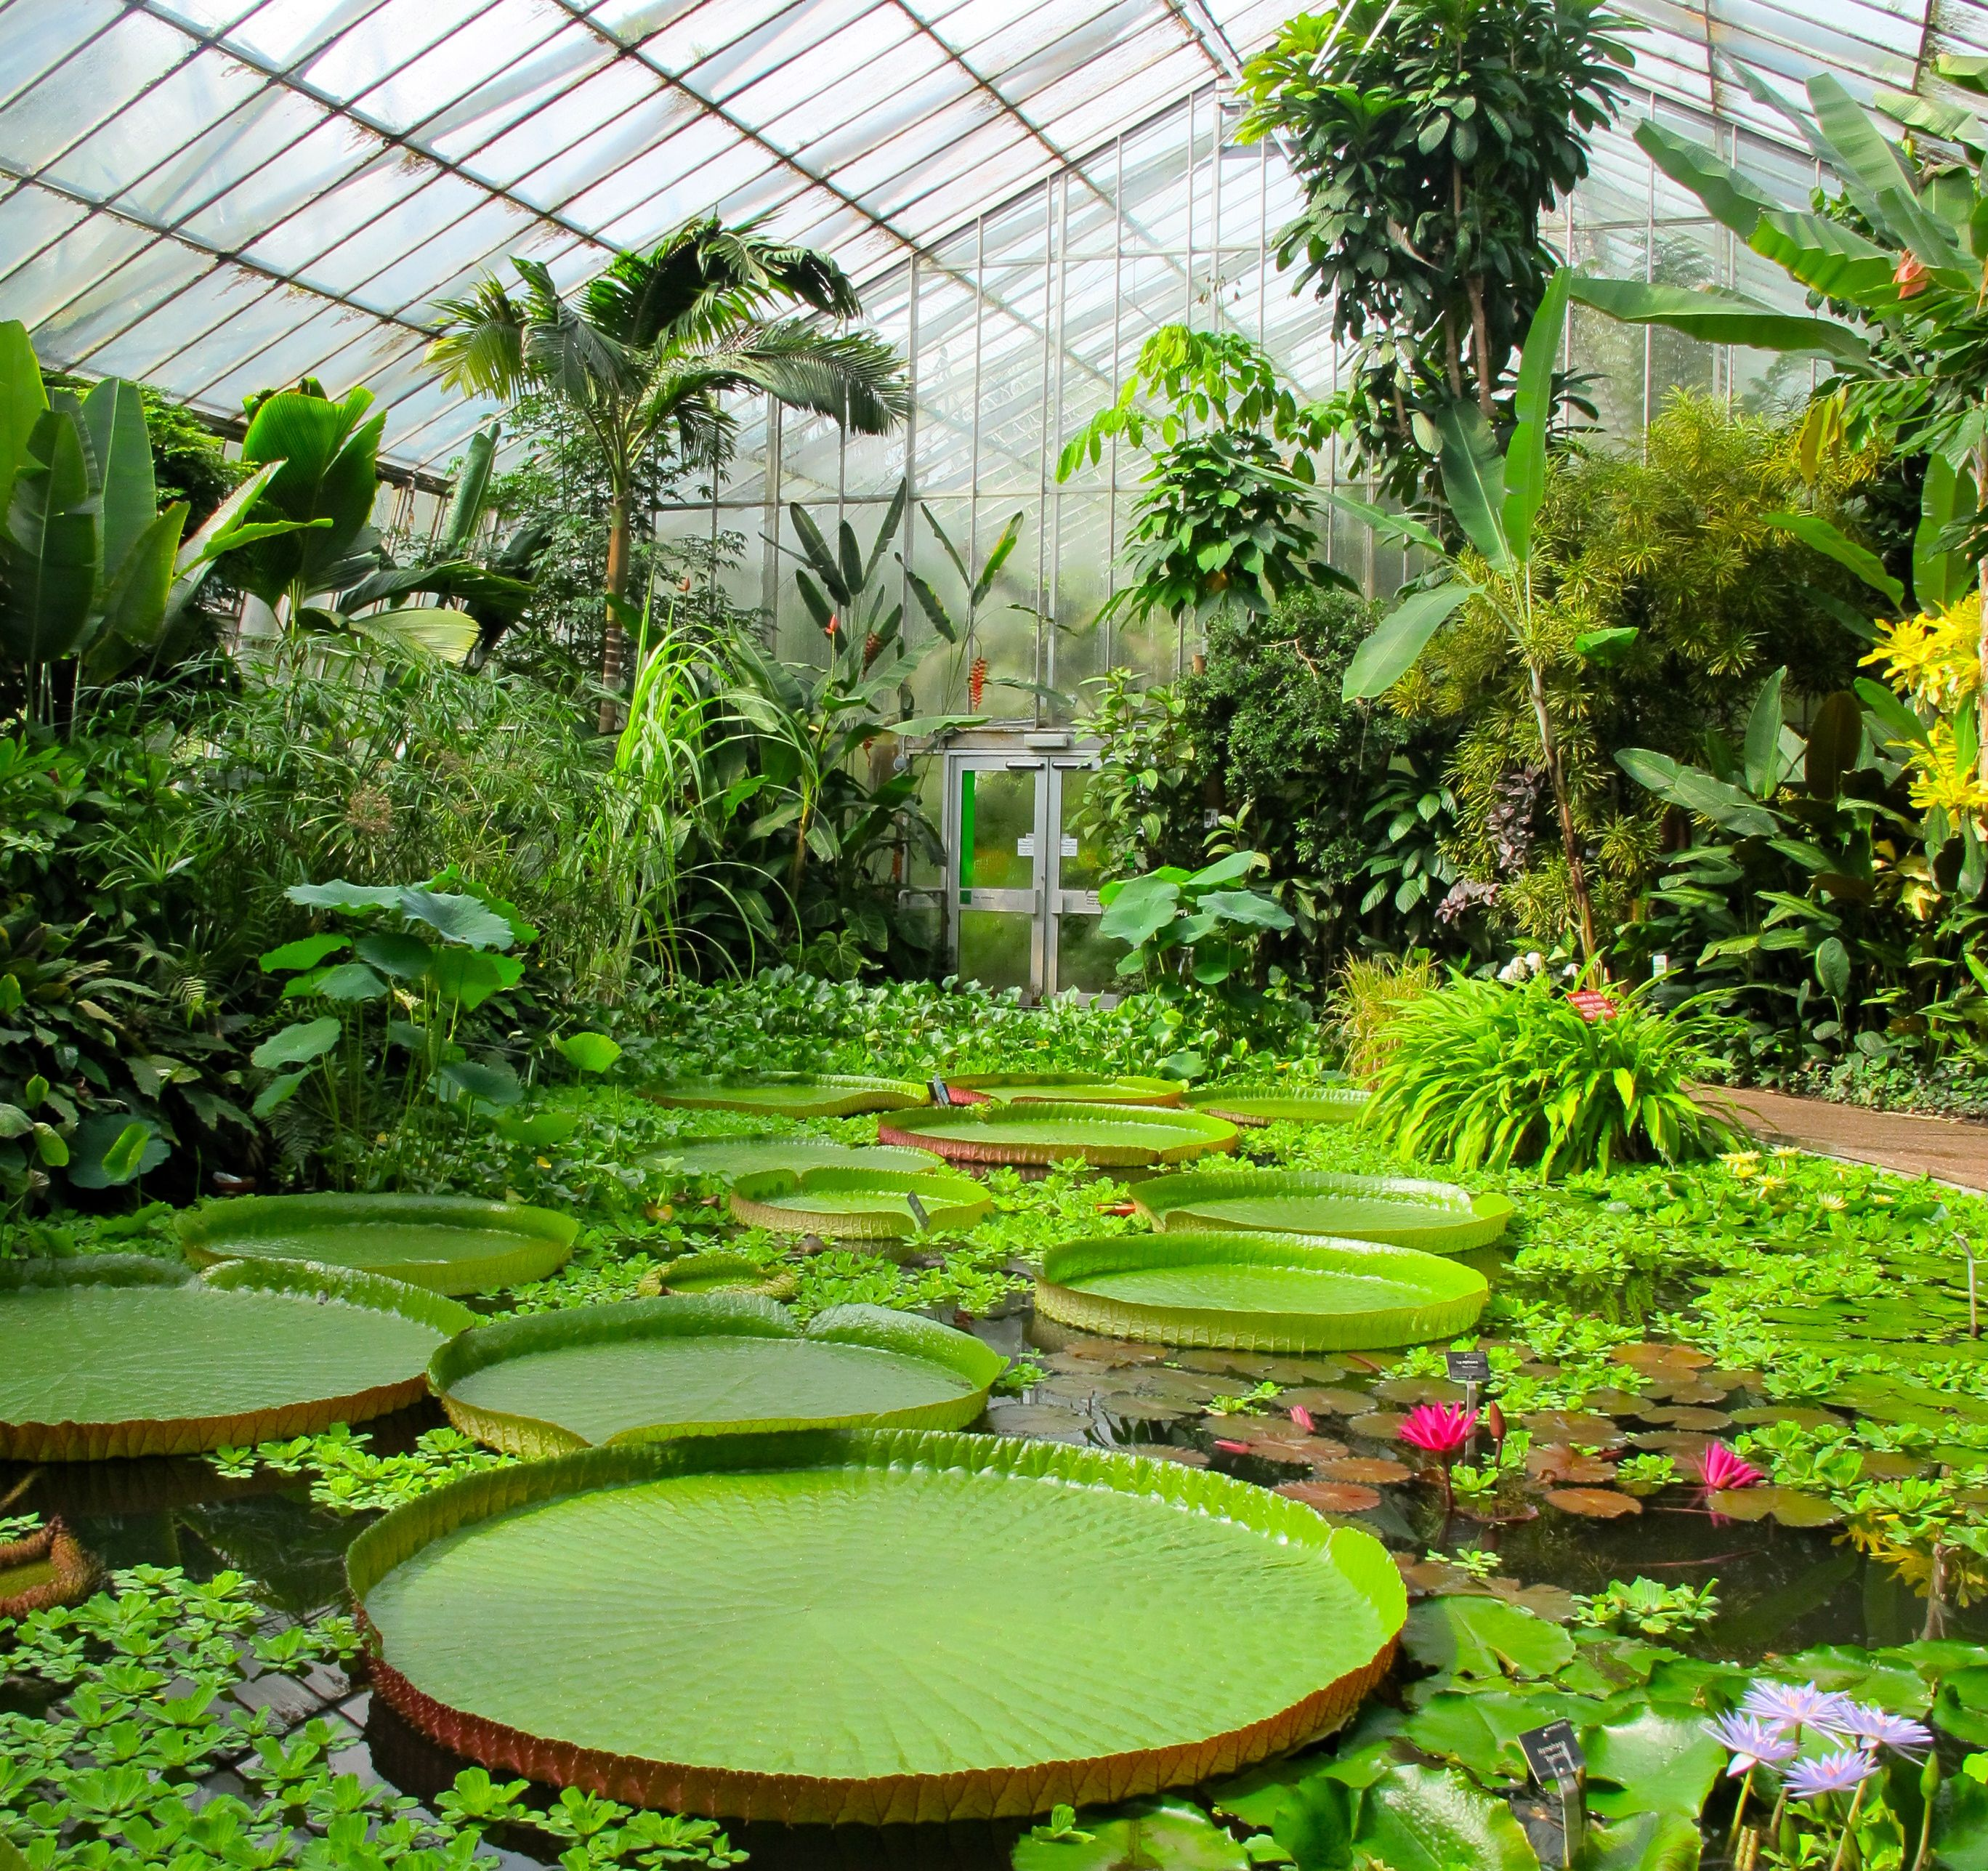 4a853d45b56ca690ee9a2c689919dd2b - Can You Drink Alcohol In The Royal Botanical Gardens